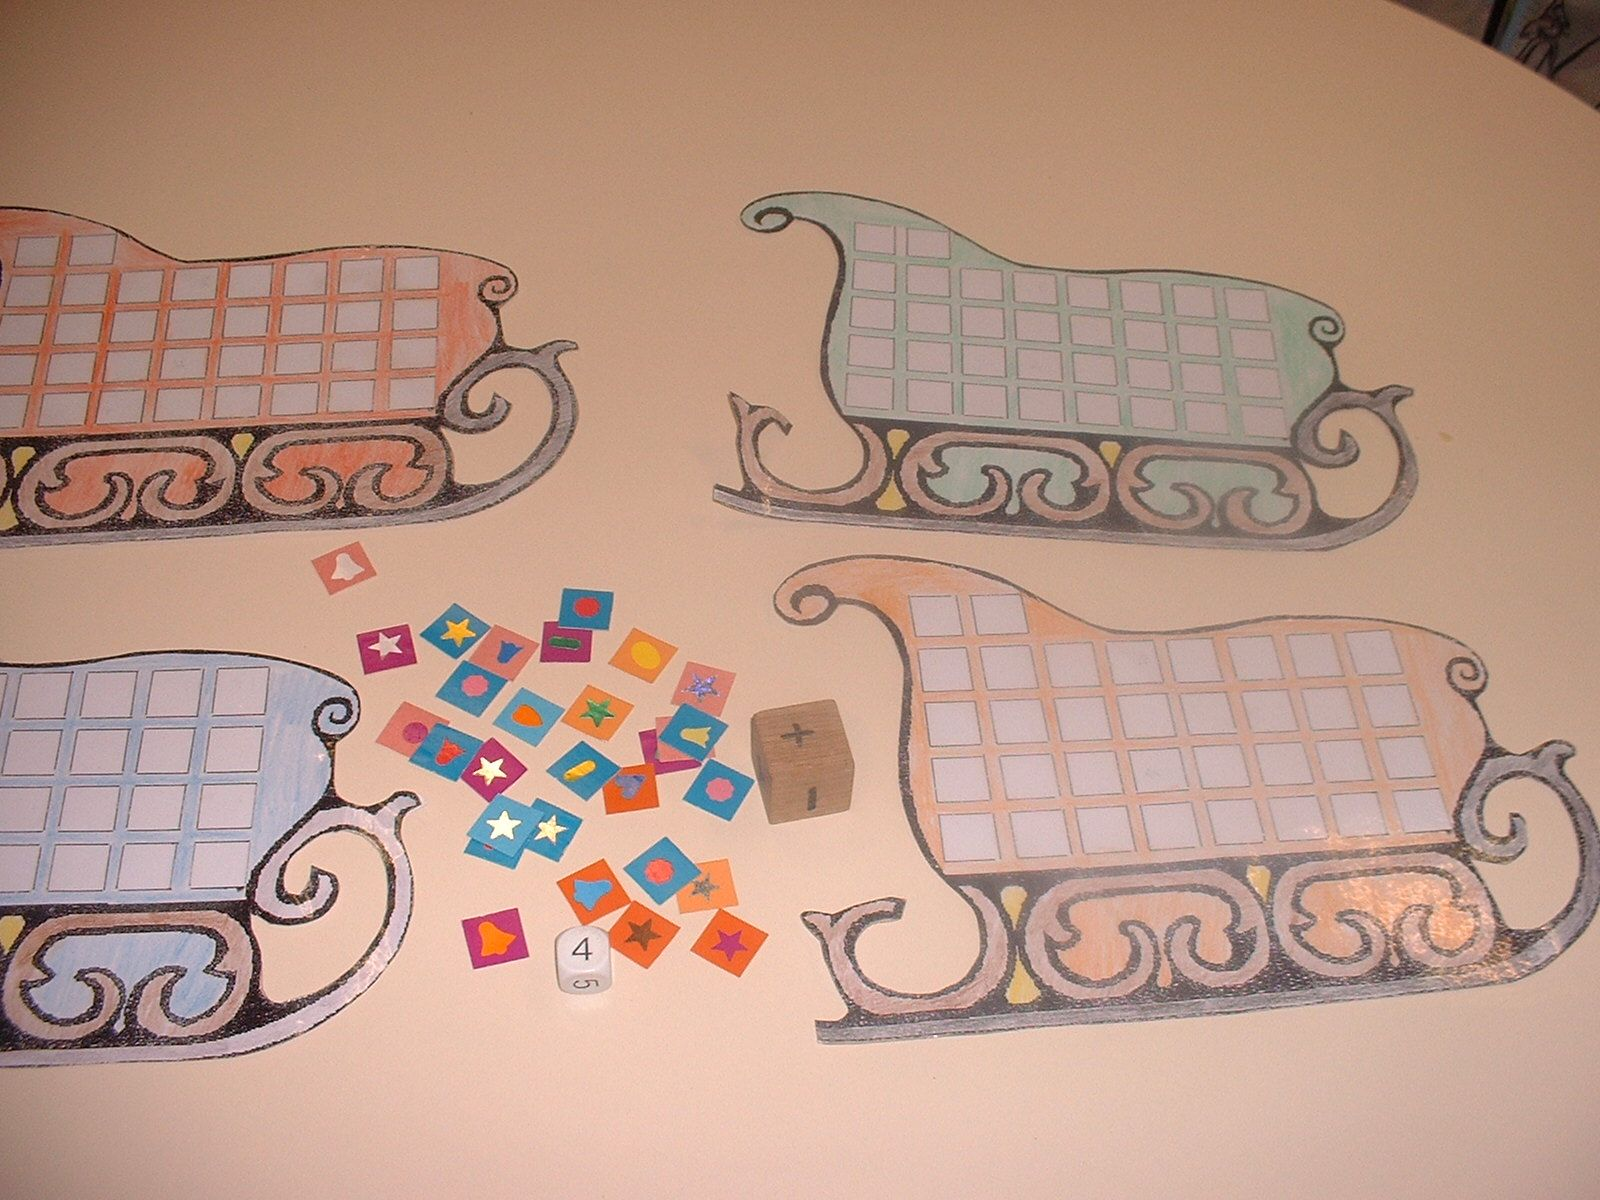 jeu de soci t traineaux du p re no l noel ecole pinterest no l maternelle jeux noel et. Black Bedroom Furniture Sets. Home Design Ideas